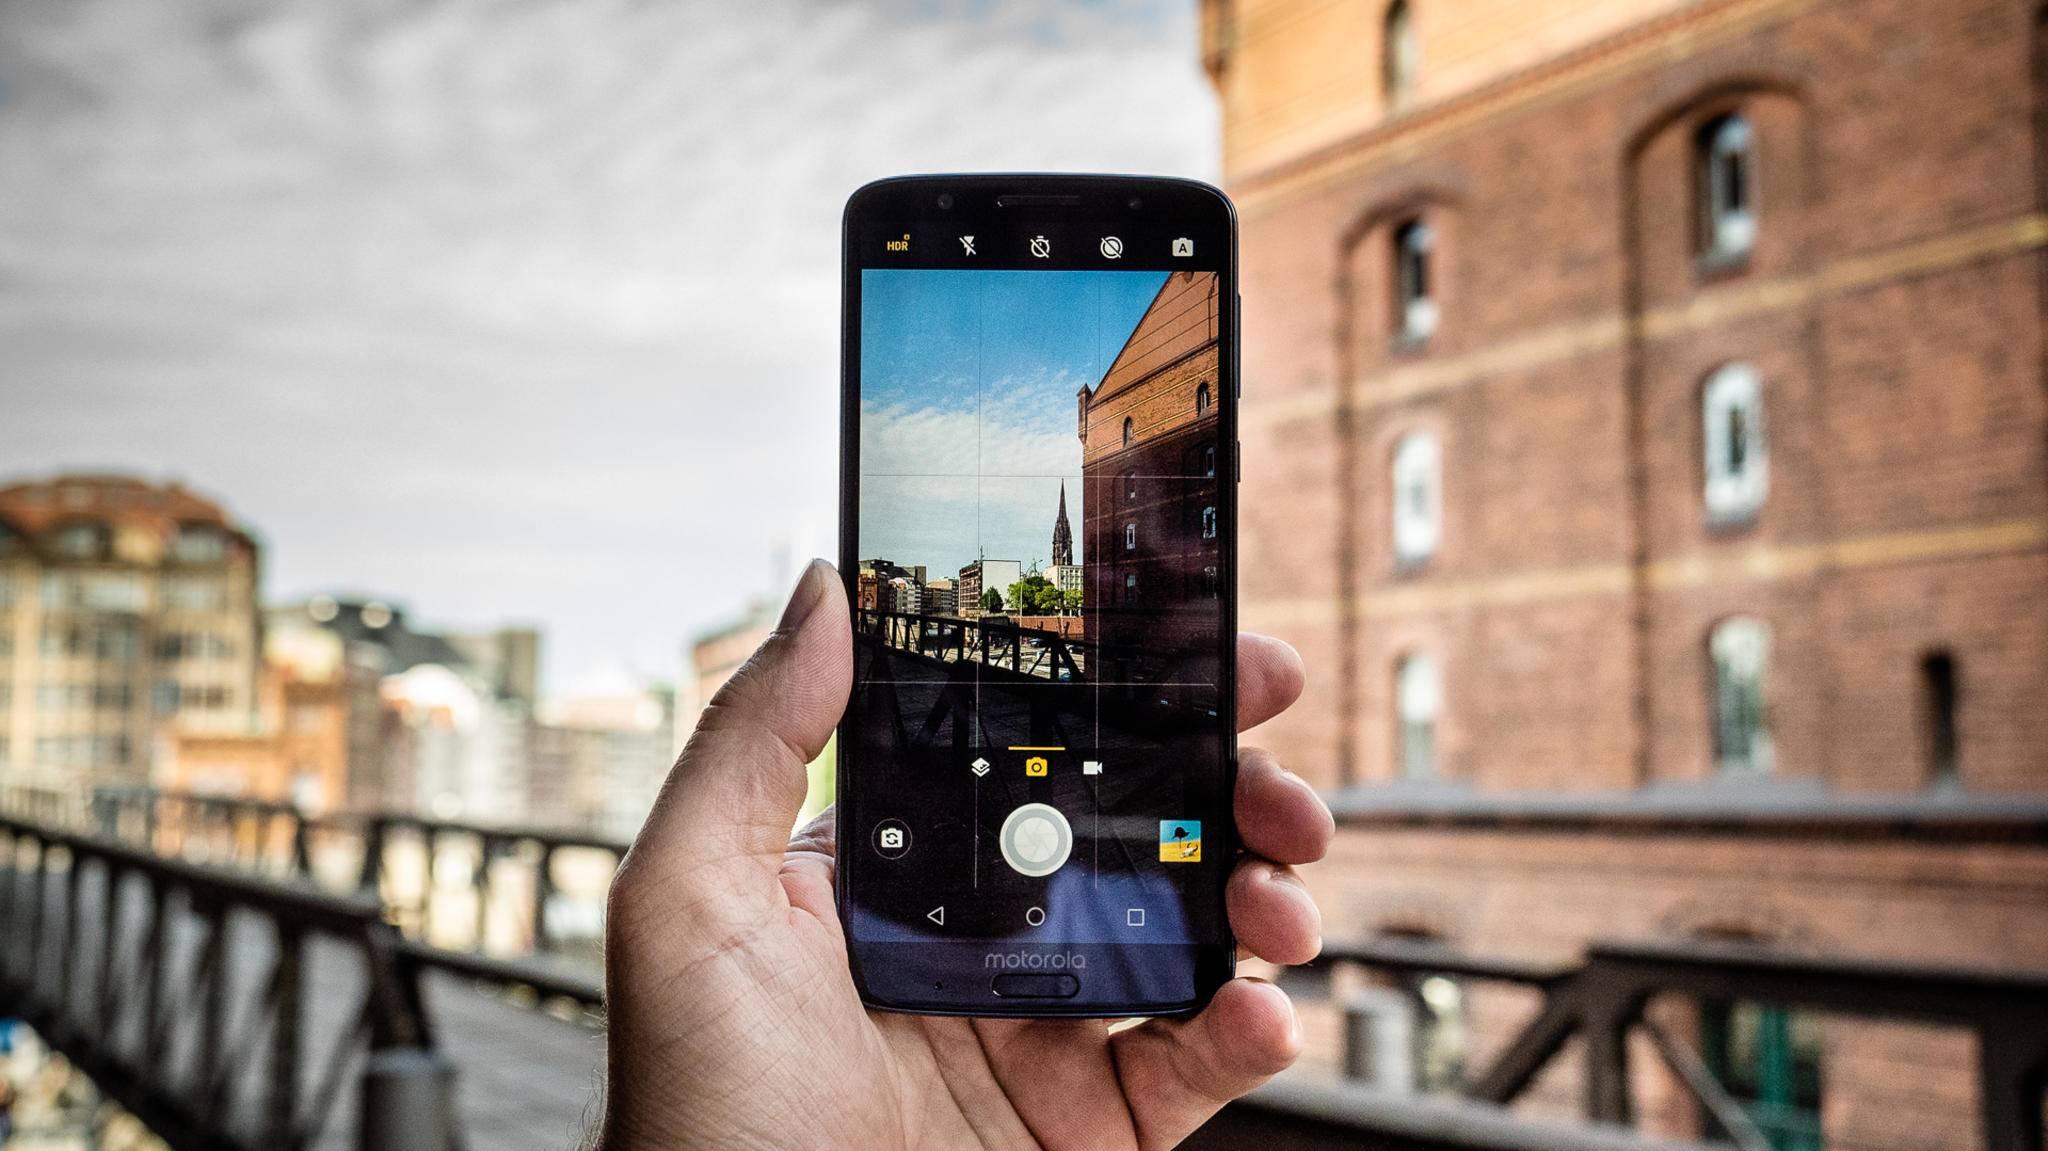 Ein alternatives Modell des Moto G6 Plus könnte mit dem Snapdragon 660 ausgestattet werden.